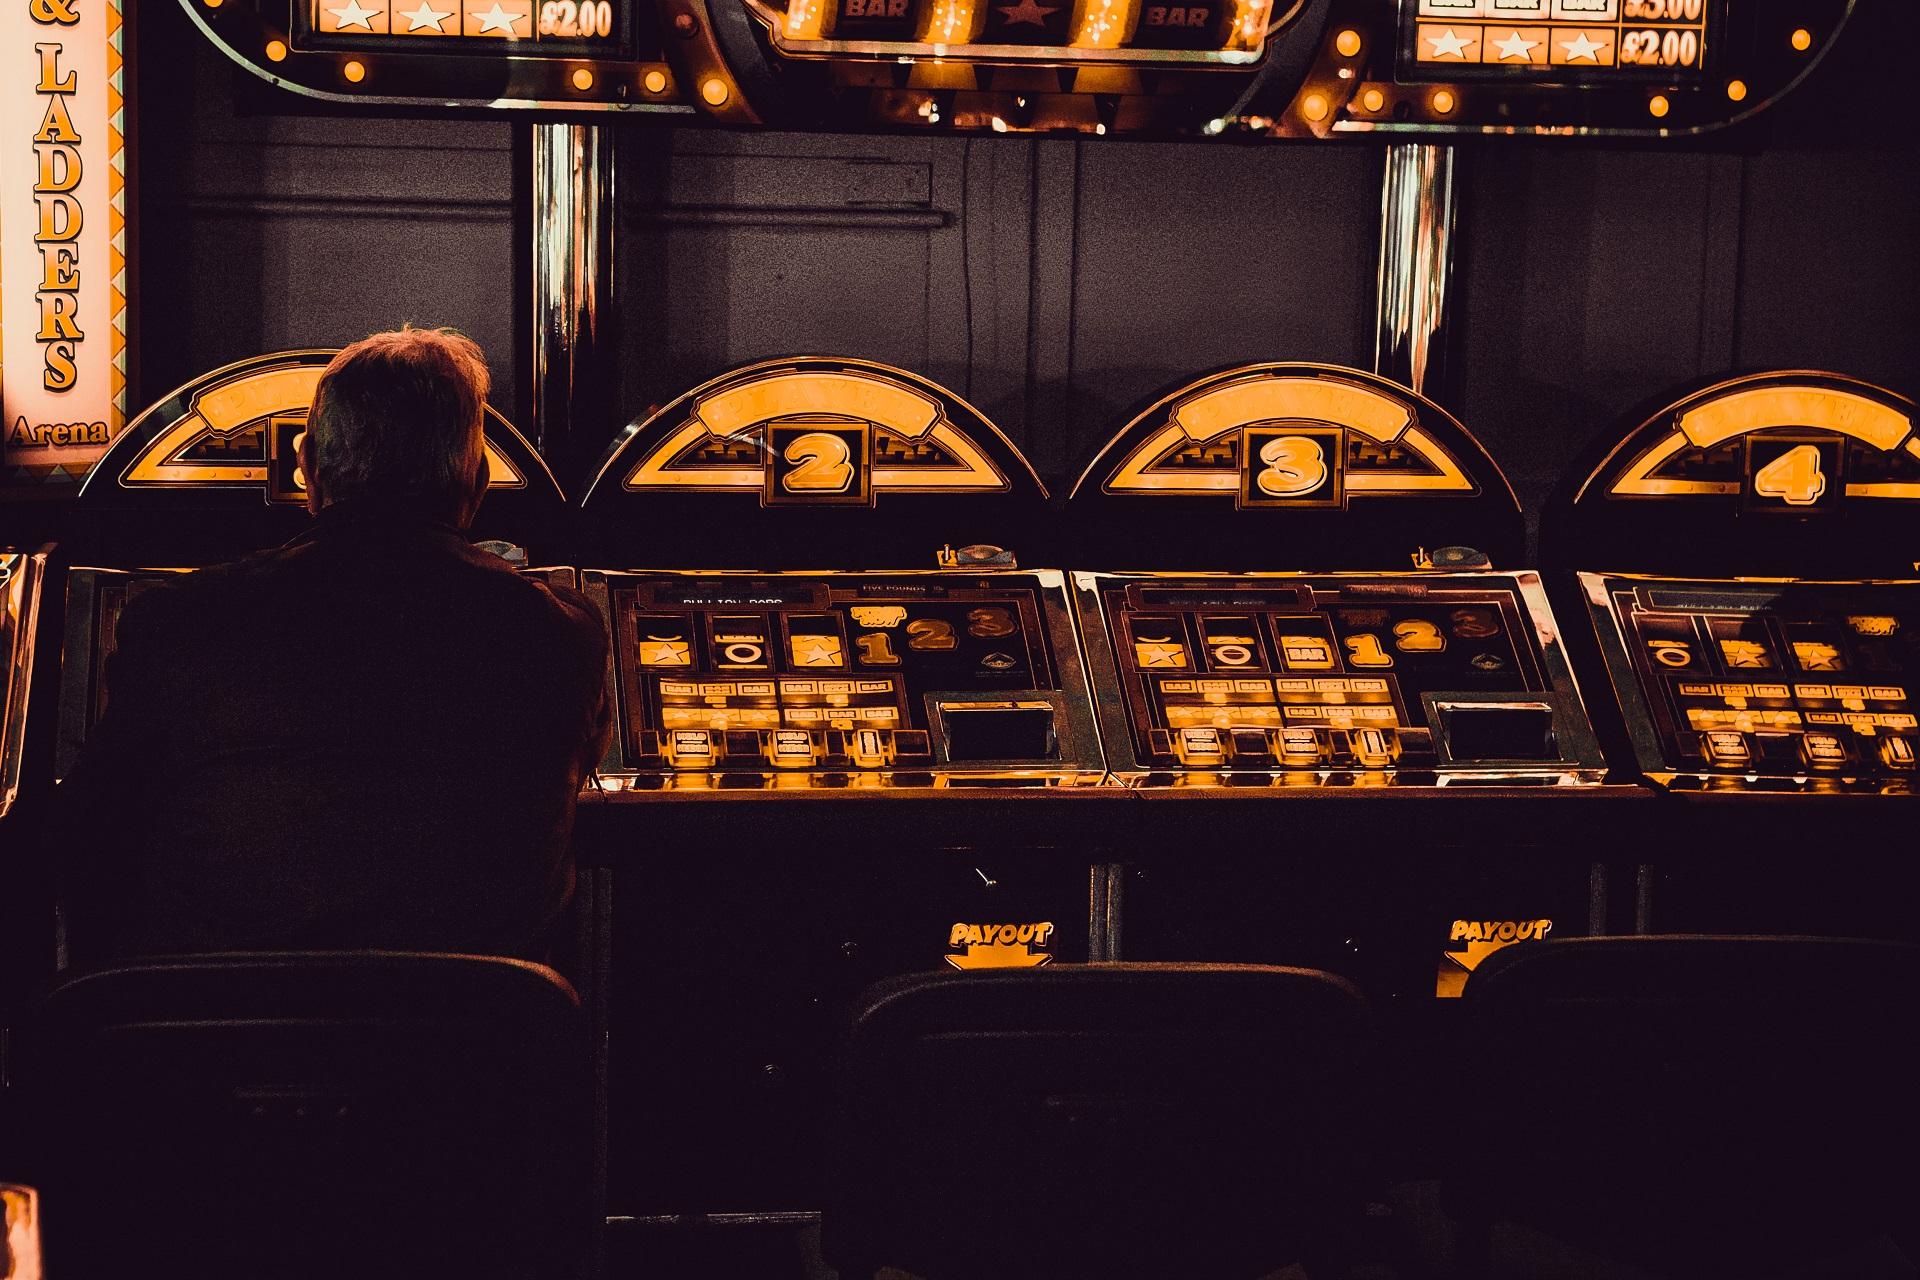 今日プレイできる幅広い種類のオンラインギャンブルゲーム